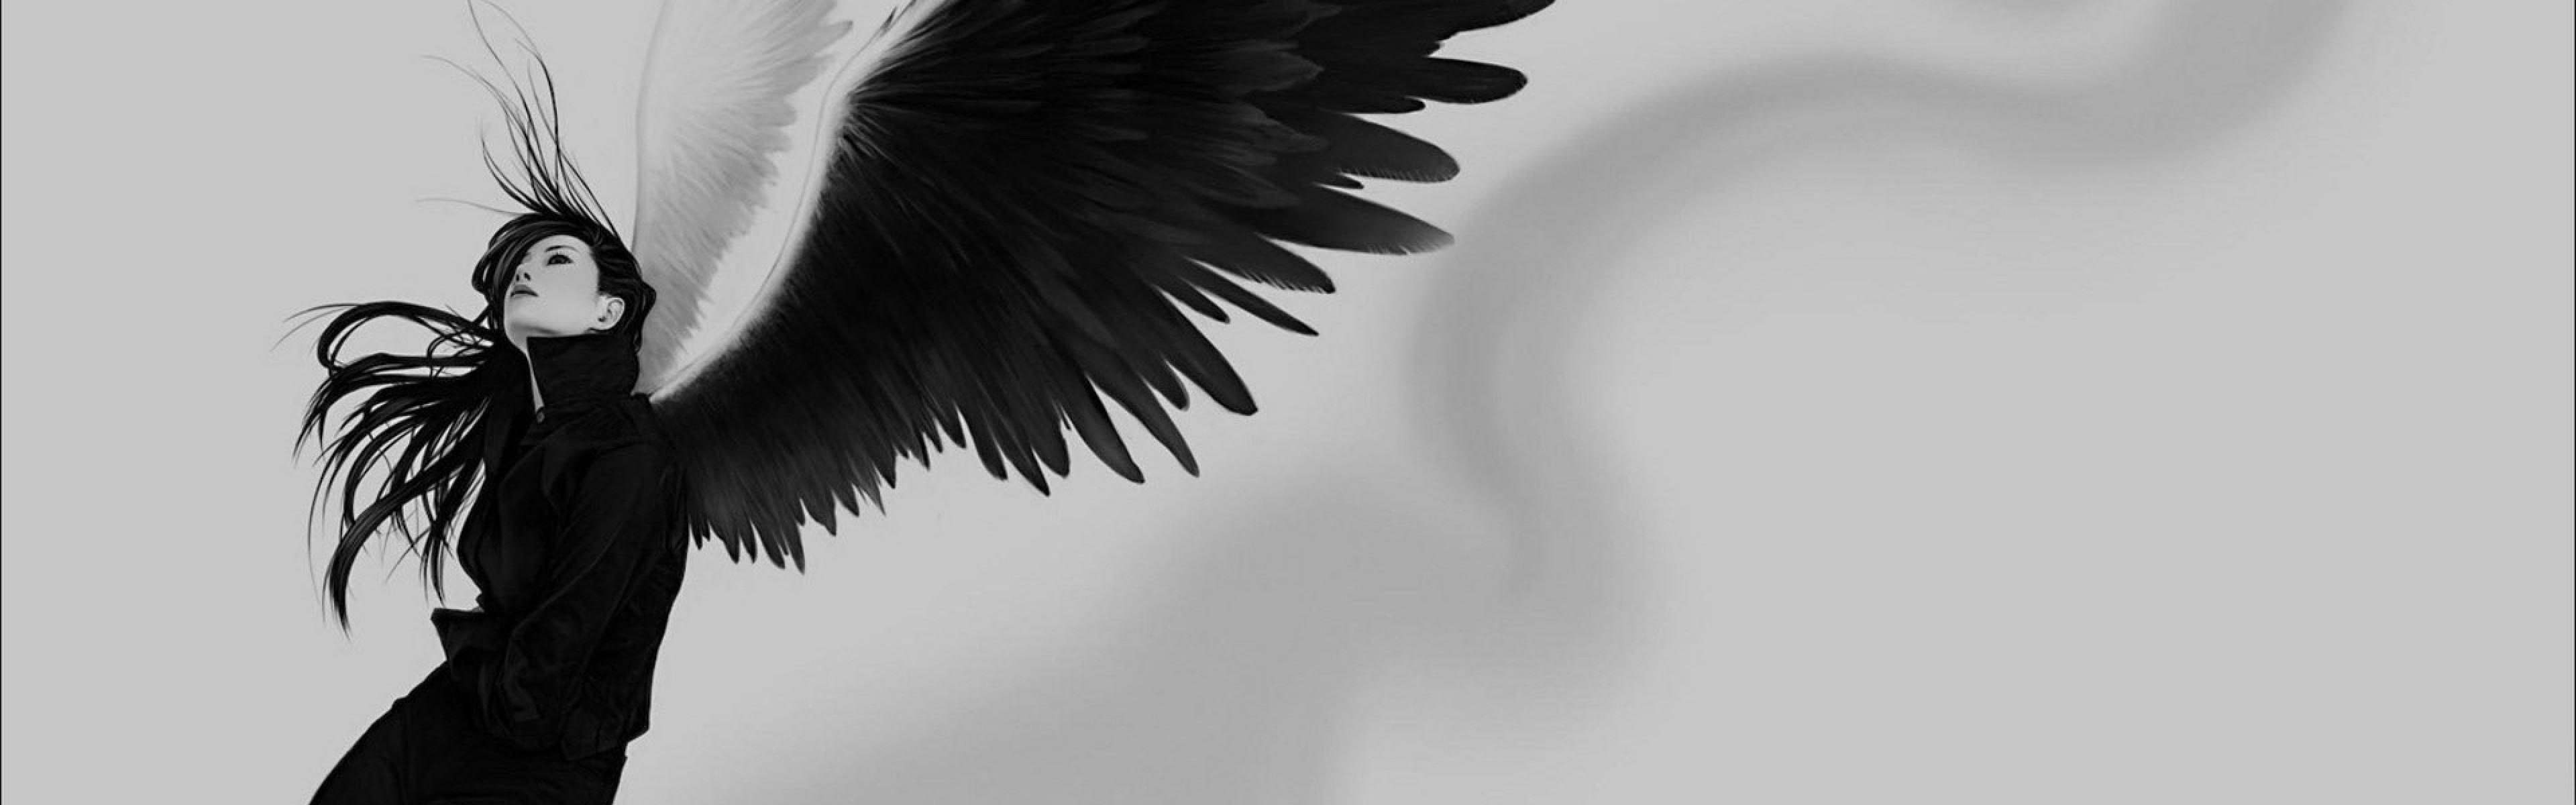 Wallpaper angel, wings, white, black, girl